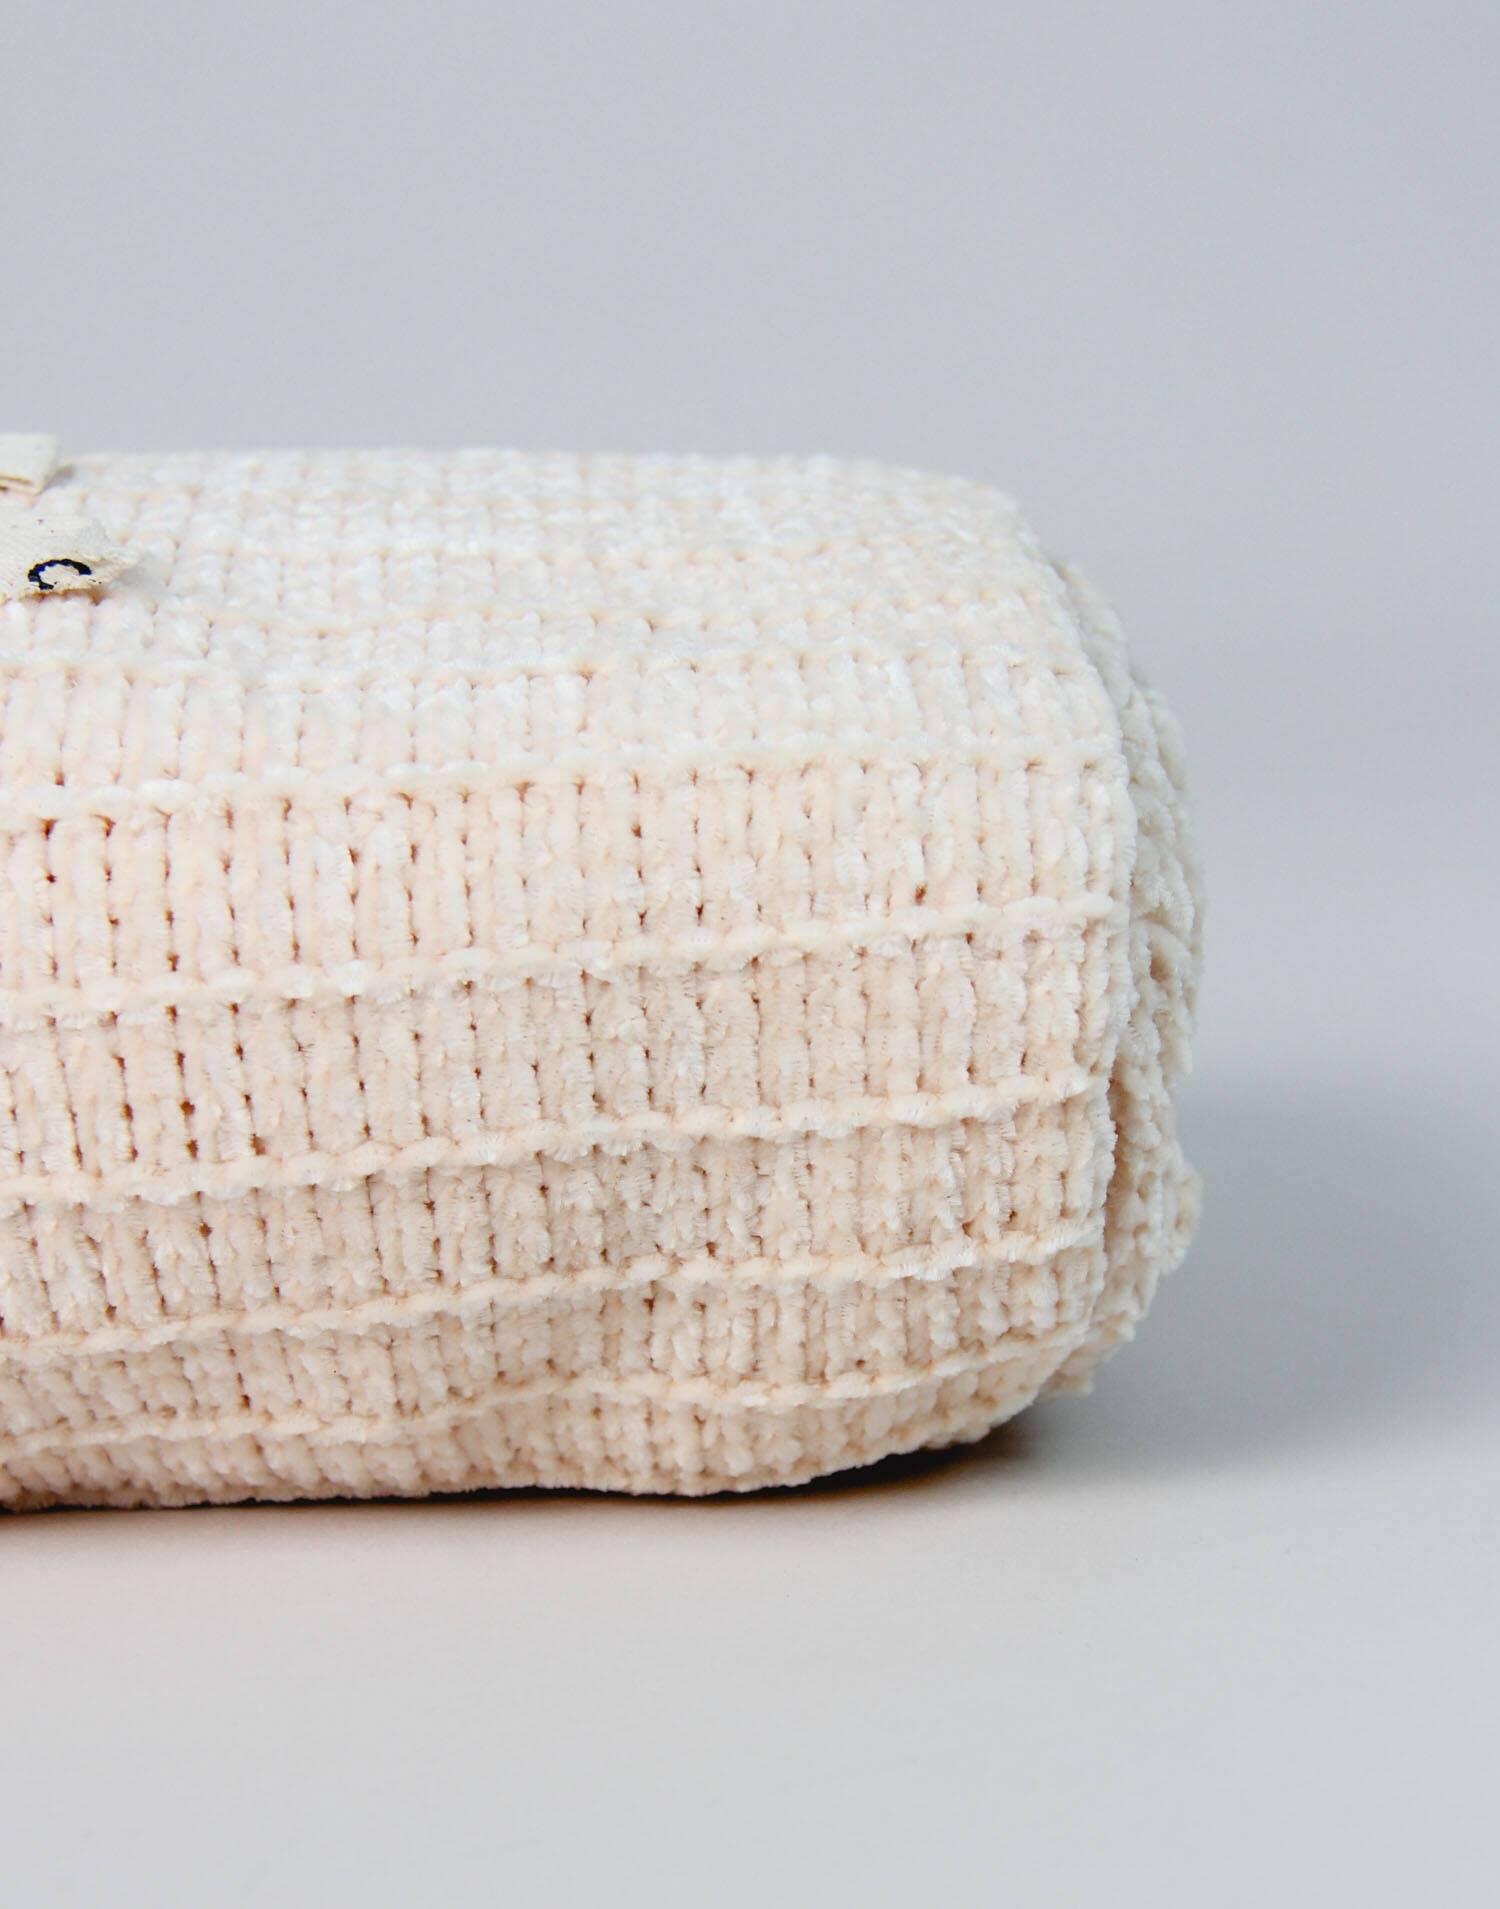 Chenille blanket lines